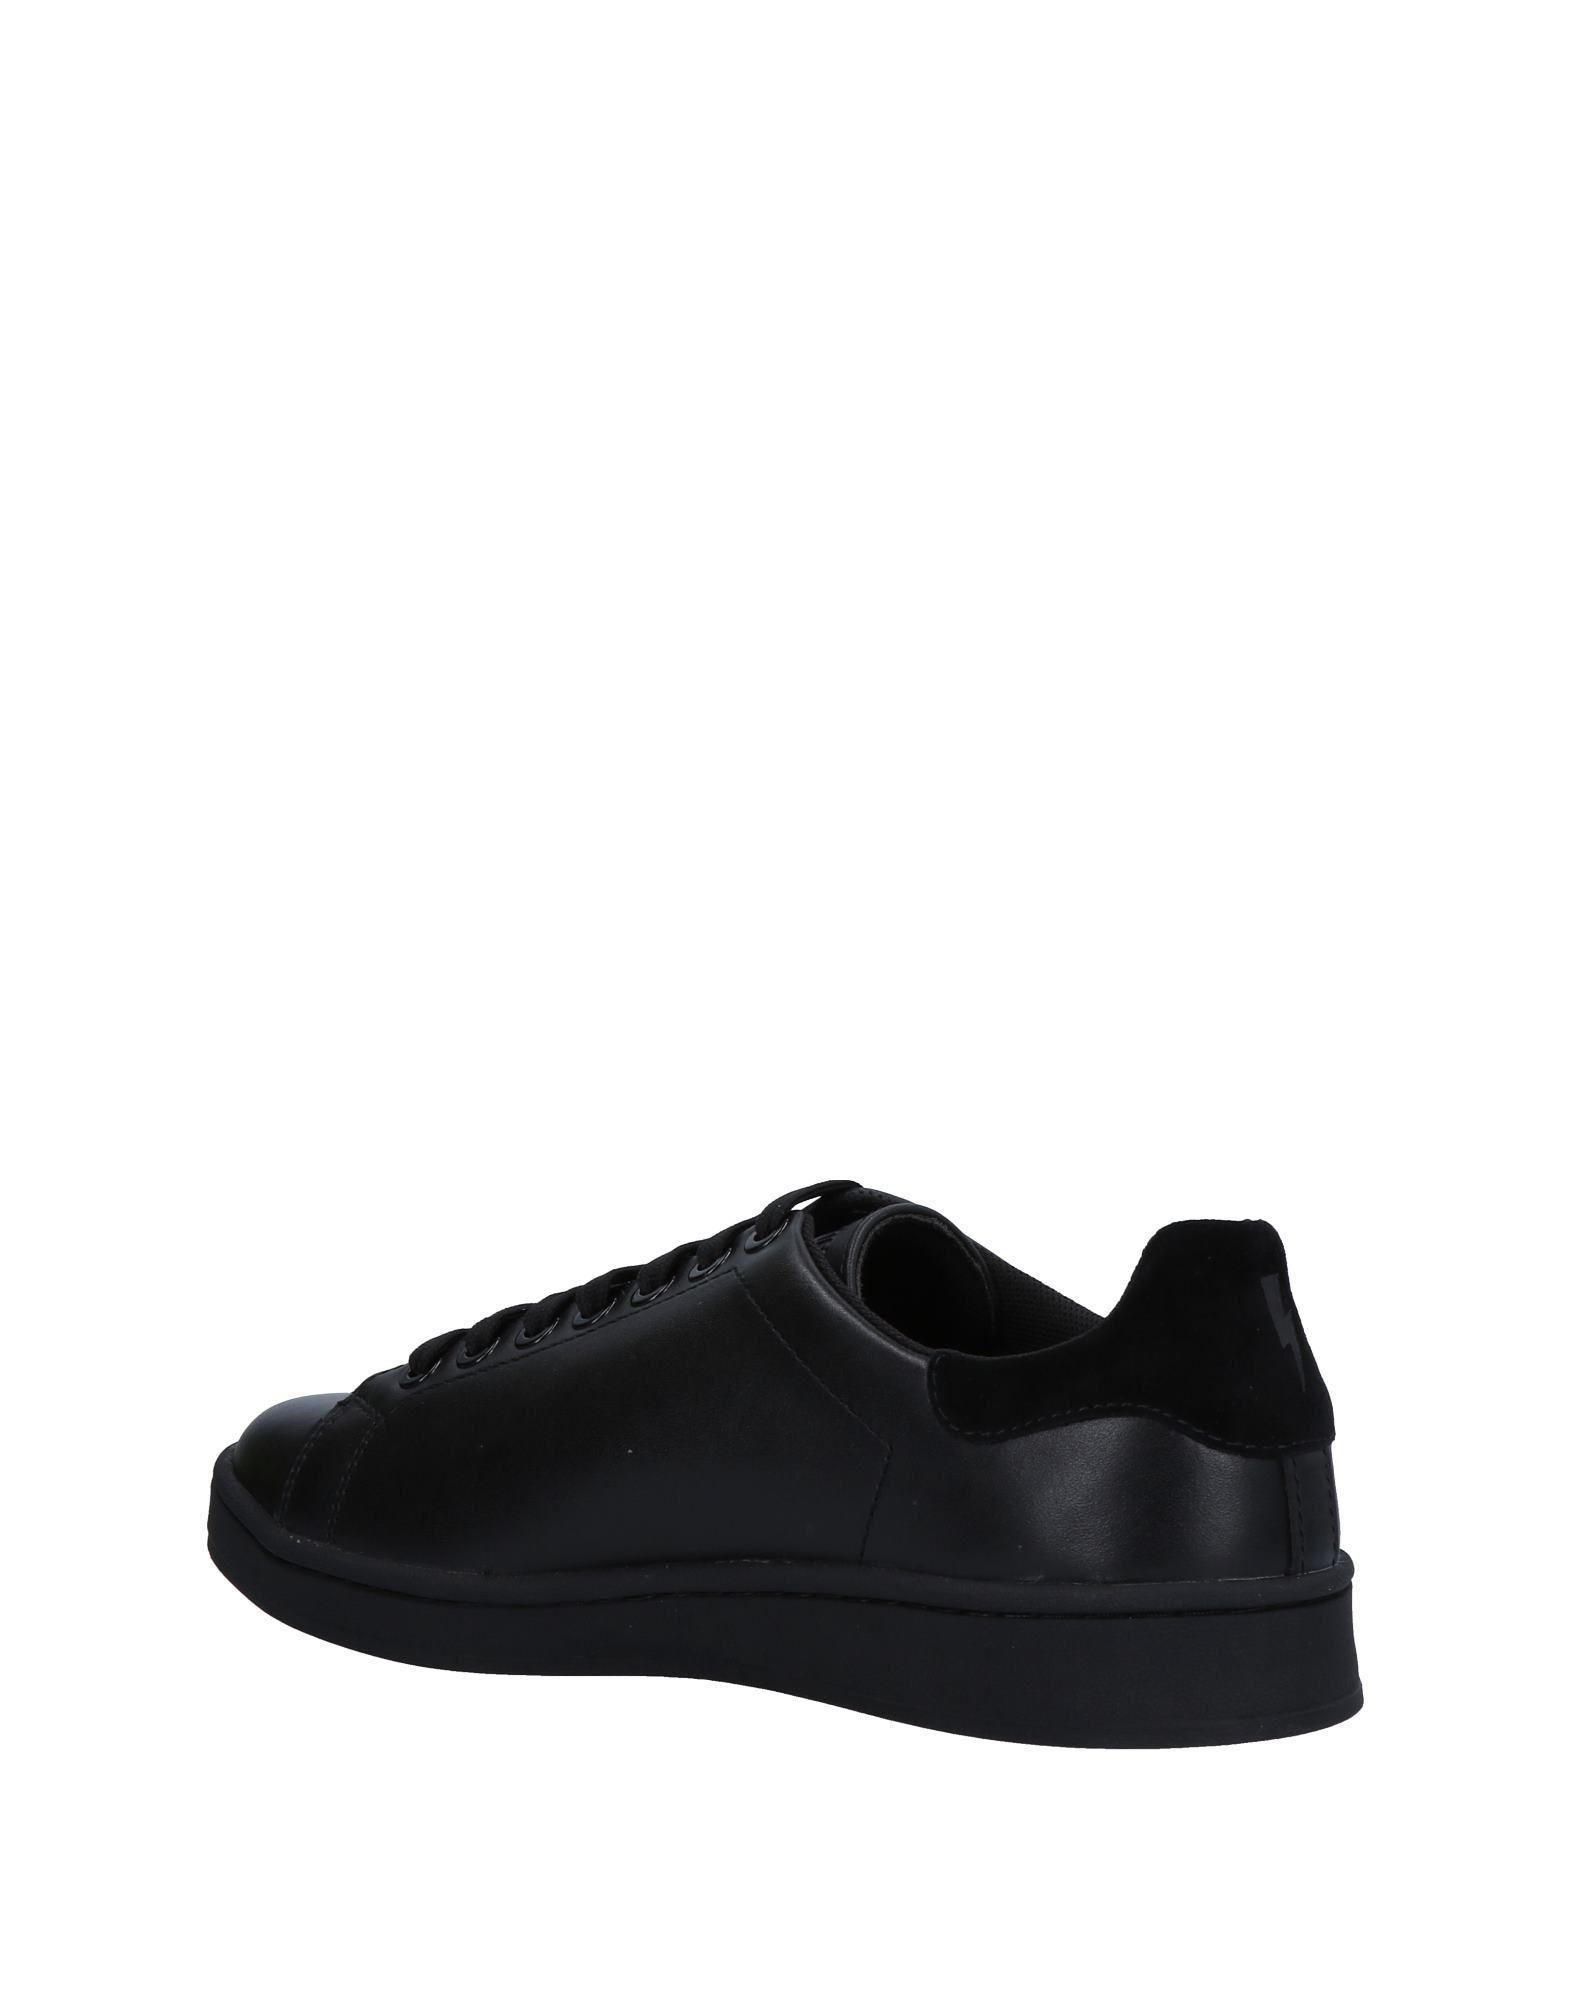 Neil Barrett Sneakers Sneakers Sneakers - Men Neil Barrett Sneakers online on  Australia - 11522415UN 3d9799